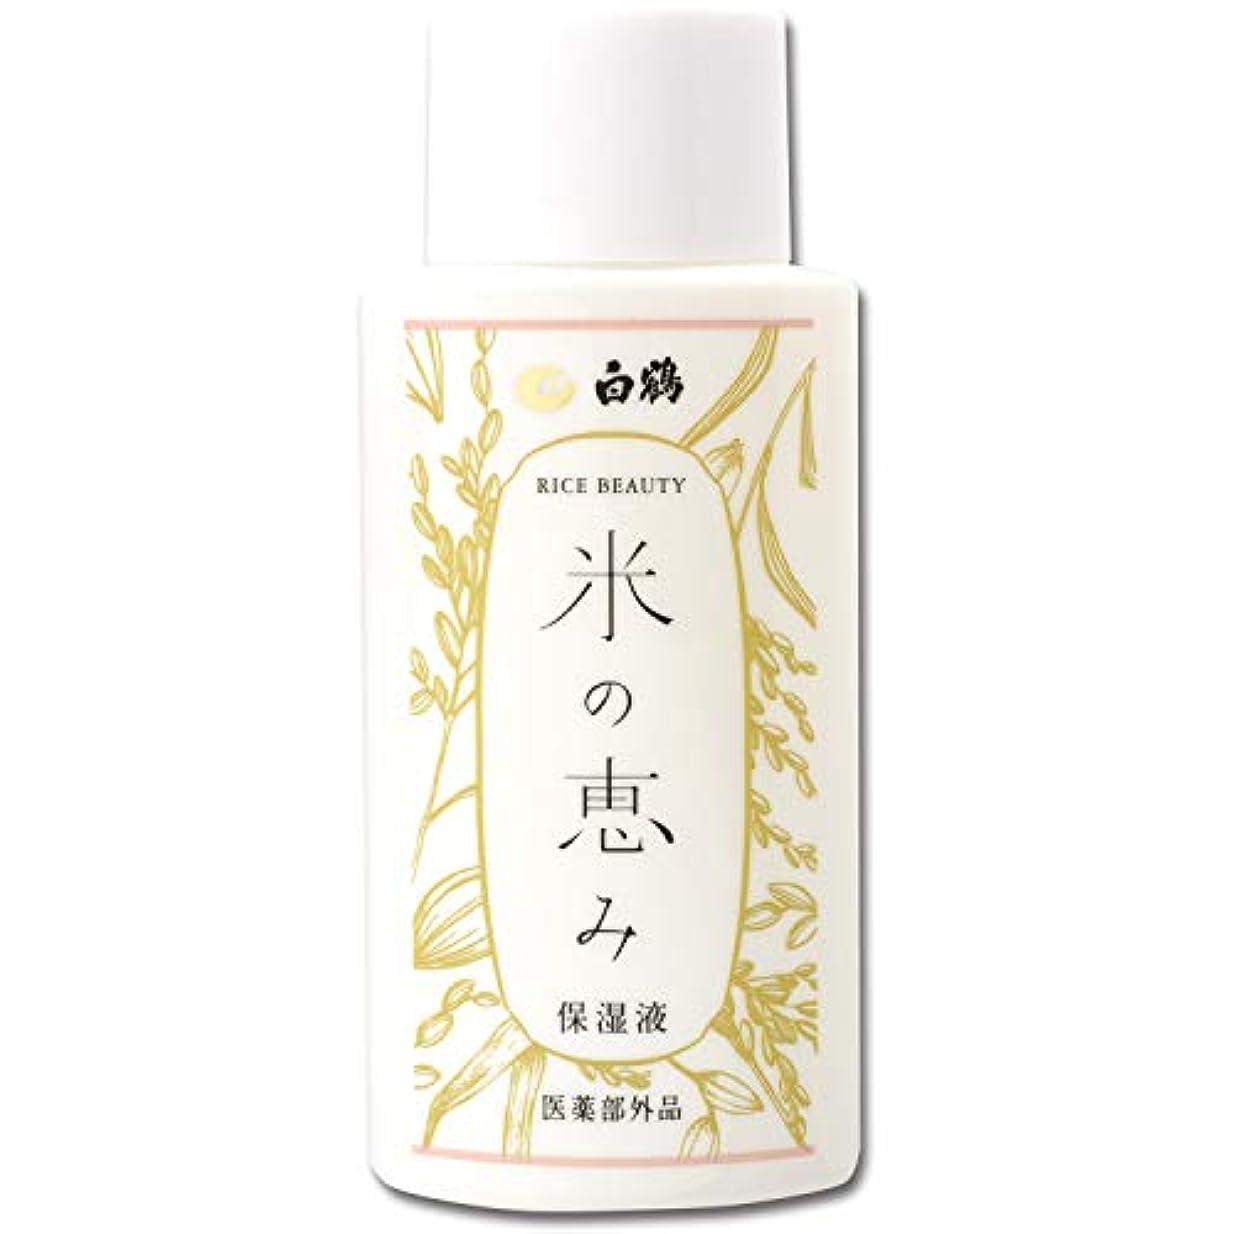 中間チョップパーツ白鶴 ライスビューティー 米の恵み 保湿液 150ml(高保湿とろみ化粧水/医薬部外品)